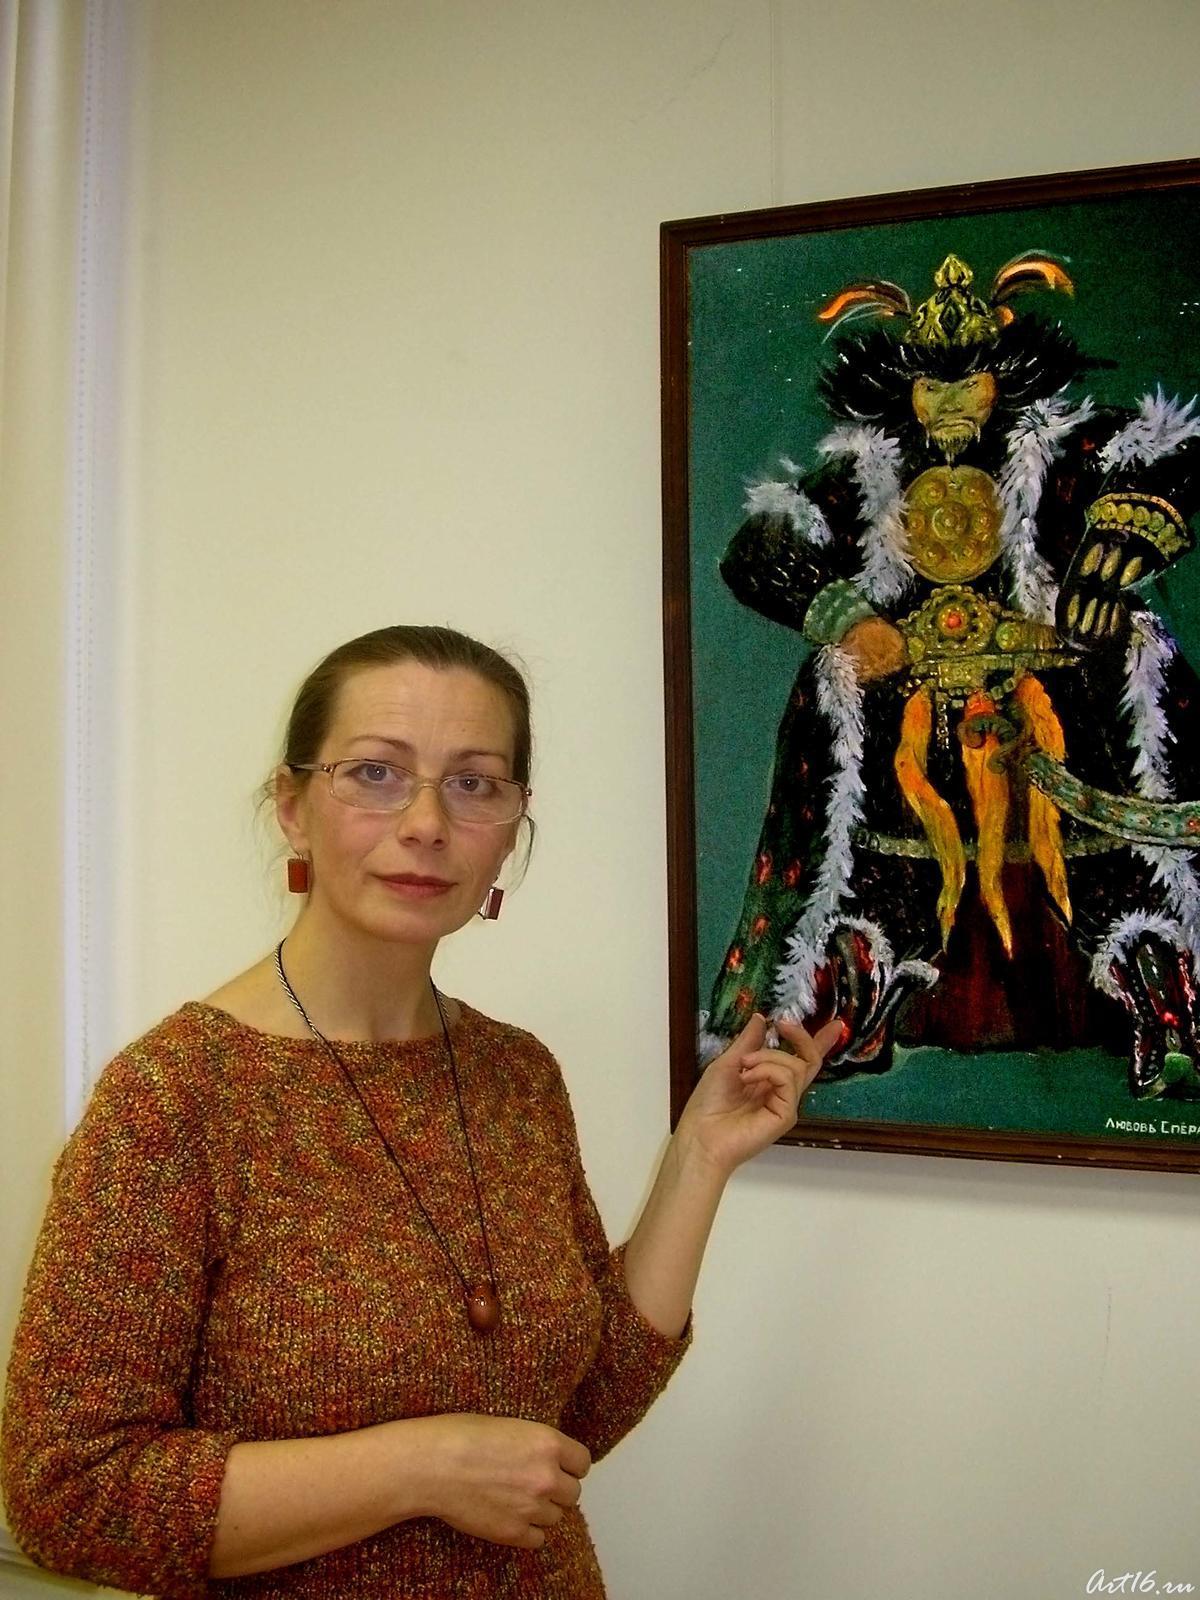 Фото №18179. Донина Лариса Николаевна